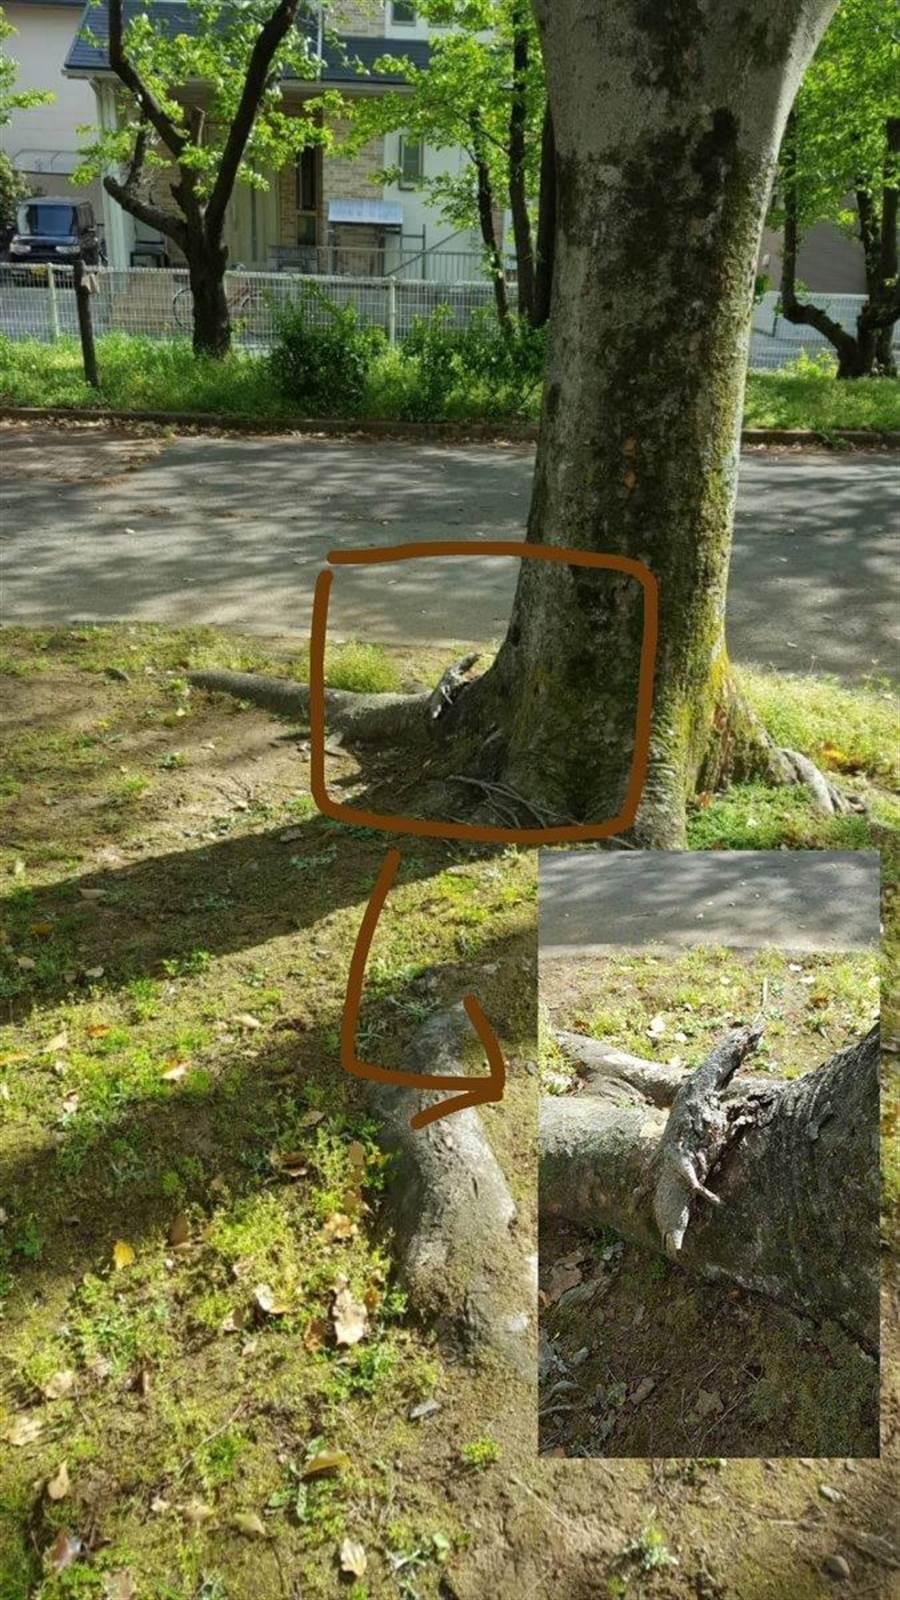 也有網友分享類似經歷,誤以為在樹上看見大蜥蜴,結果只是突出的樹根(圖翻攝自/推特/@haru_k76)